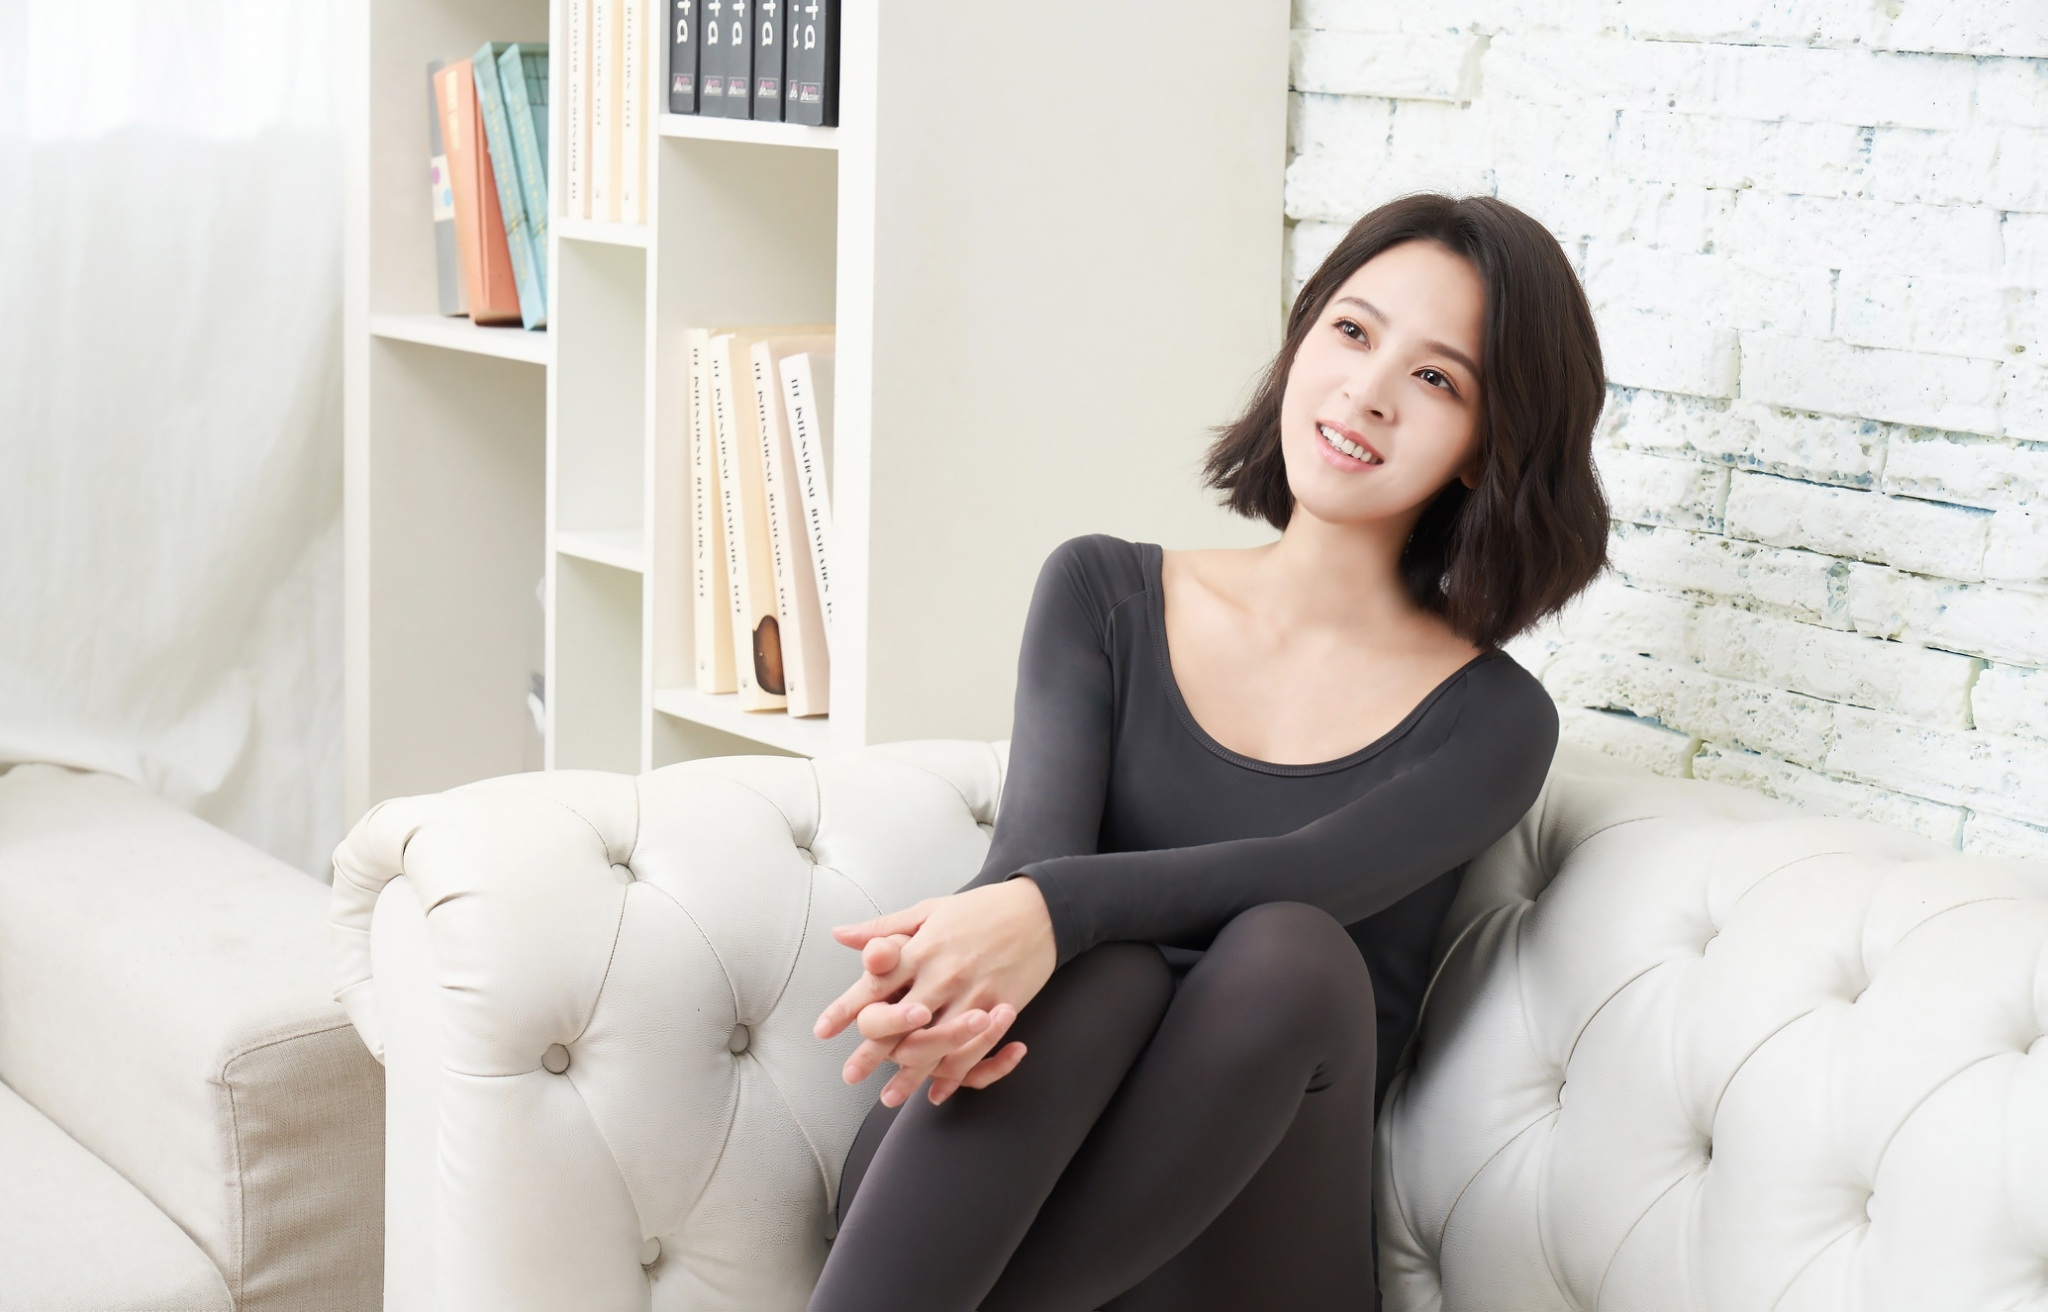 發熱衣真的有效嗎?皮膚科醫師俞佑分享「保暖蓄熱」原理,許你一個溫暖的冬季   女子學